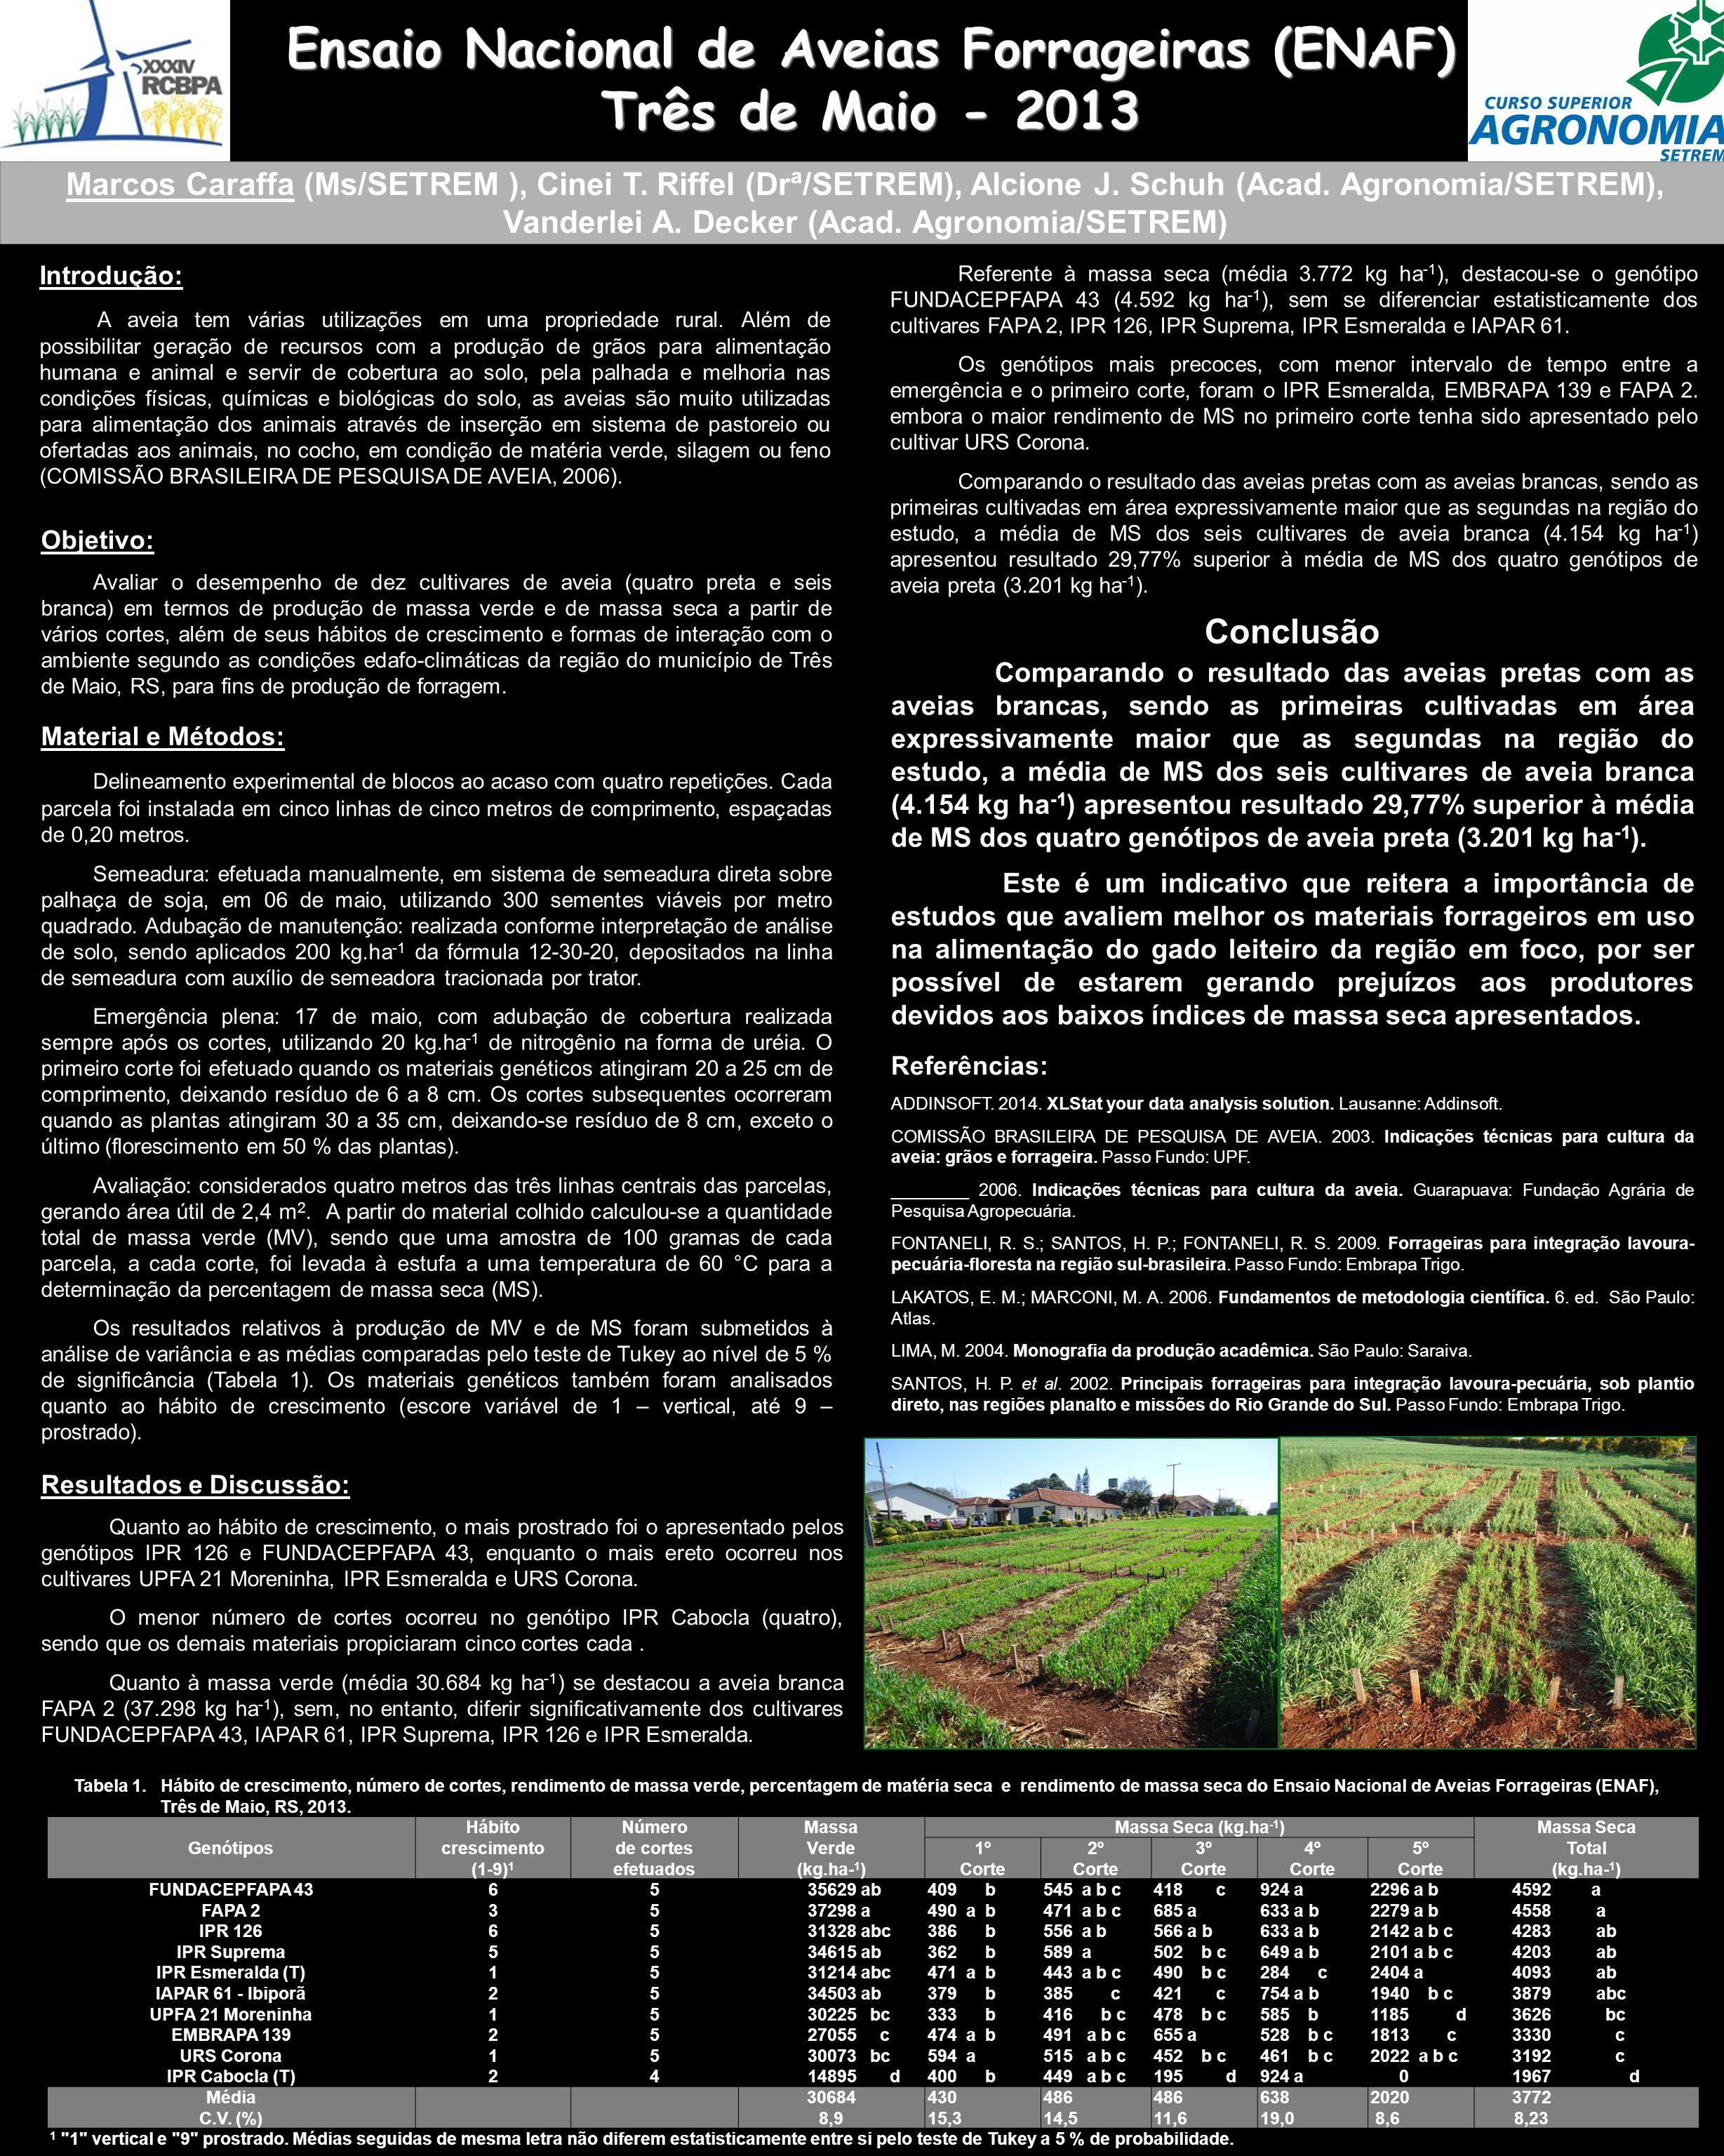 Objetivo: Avaliar o desempenho de dez cultivares de aveia (quatro preta e seis branca) em termos de produção de massa verde e de massa seca a partir d